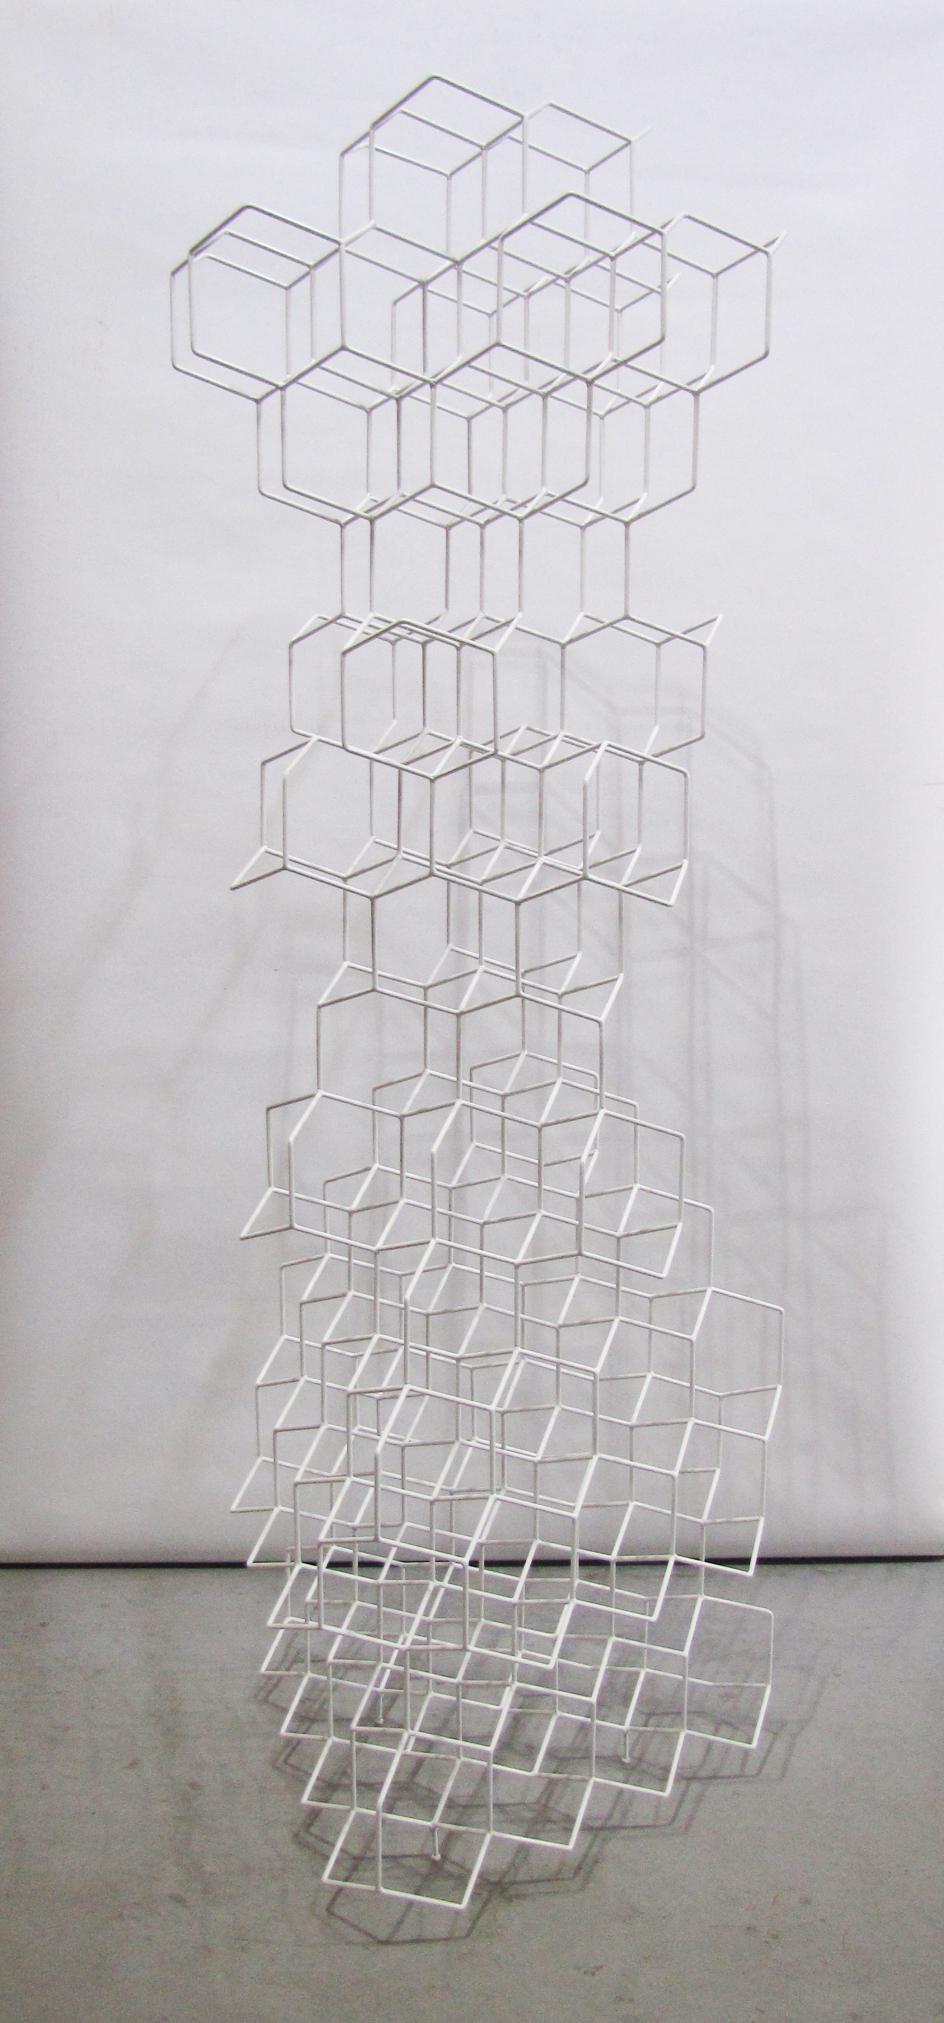 Linear sculptures - 1 of 10 (2).jpg